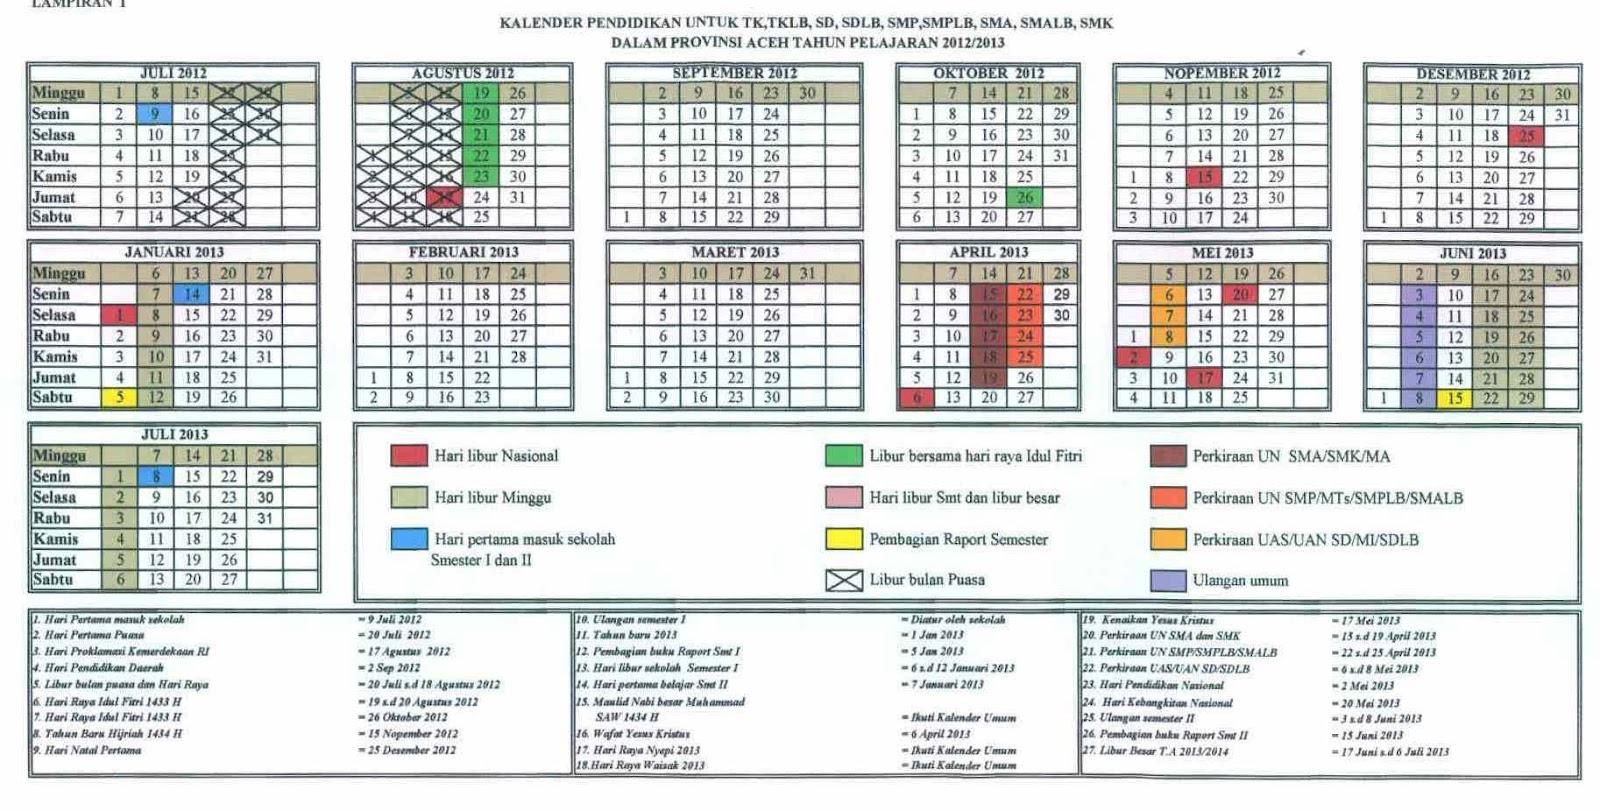 perkiraan pendidikan sma sdlb print download kalender 20132014 disini